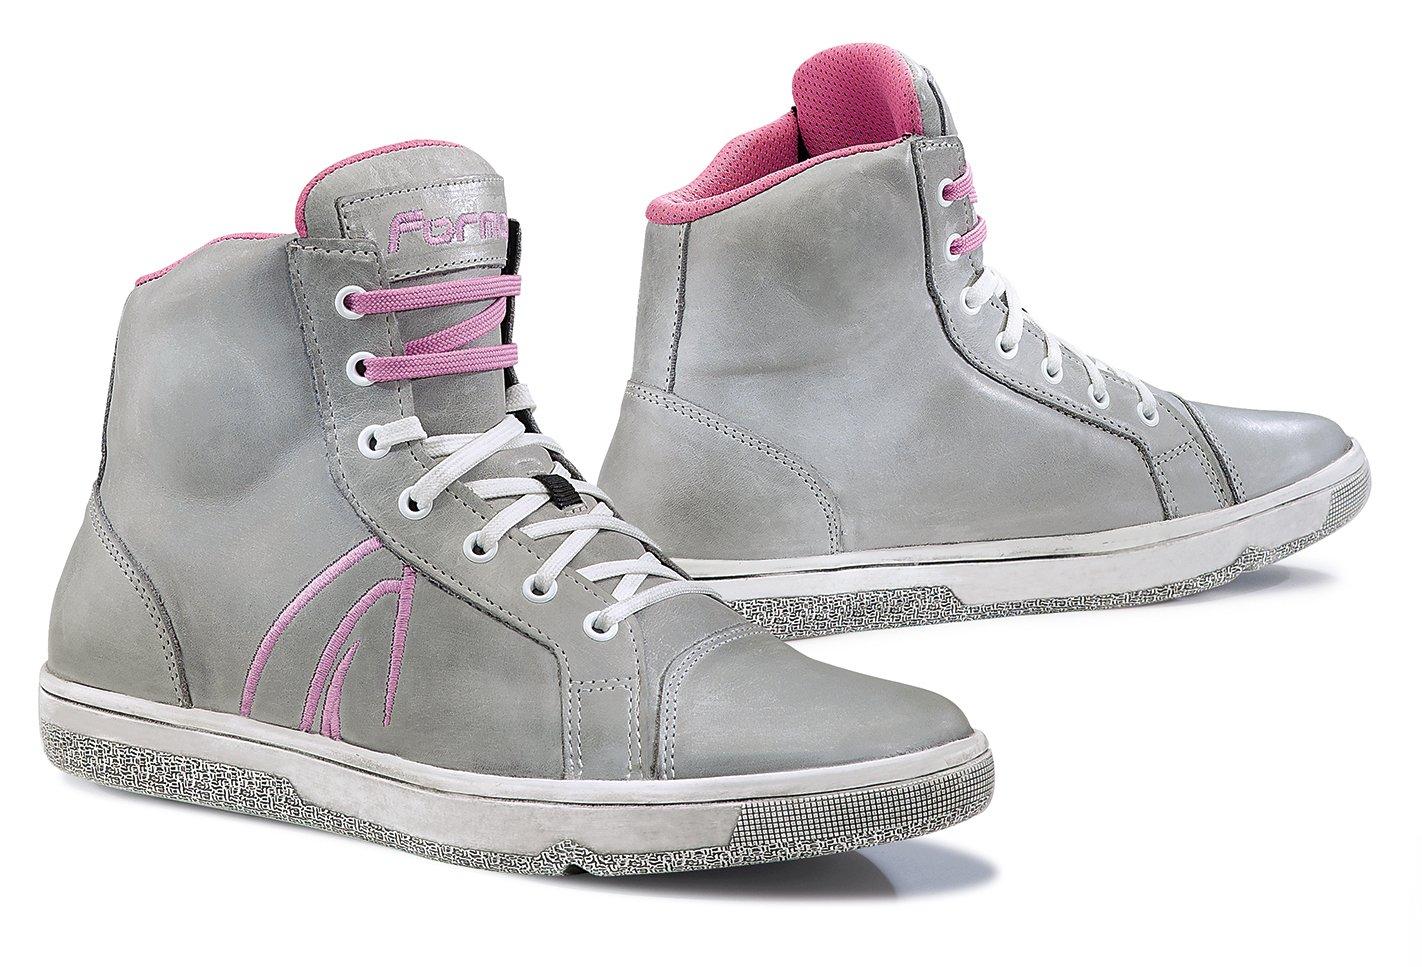 Forma Slam Dry Lady Kurz Wp Grau/pink 38 jTODwf